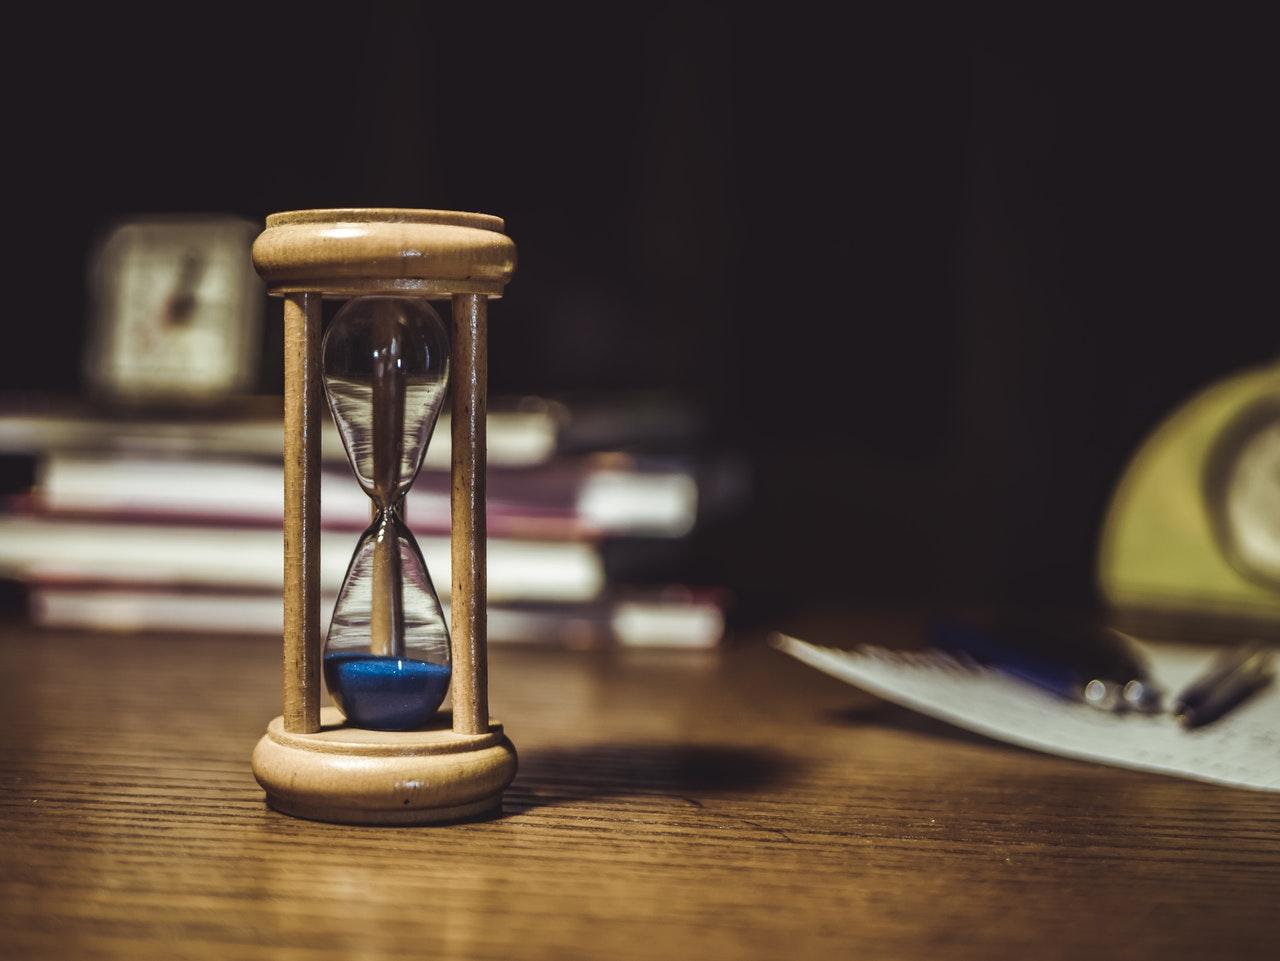 песочные часы на столе